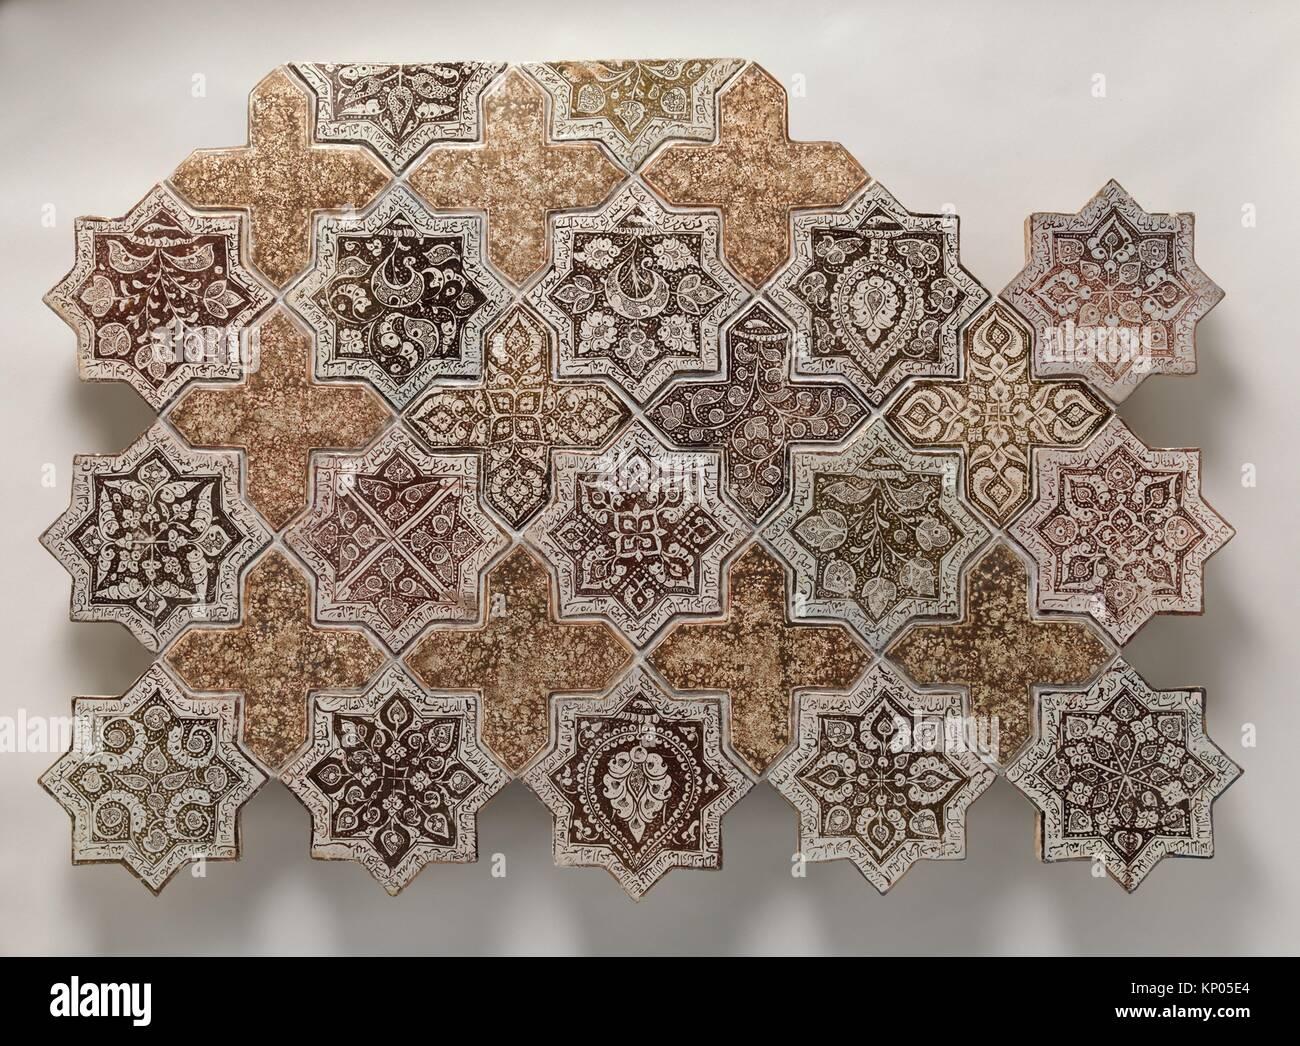 Pannello composto con piastrelle in forma di stelle ad otto punte